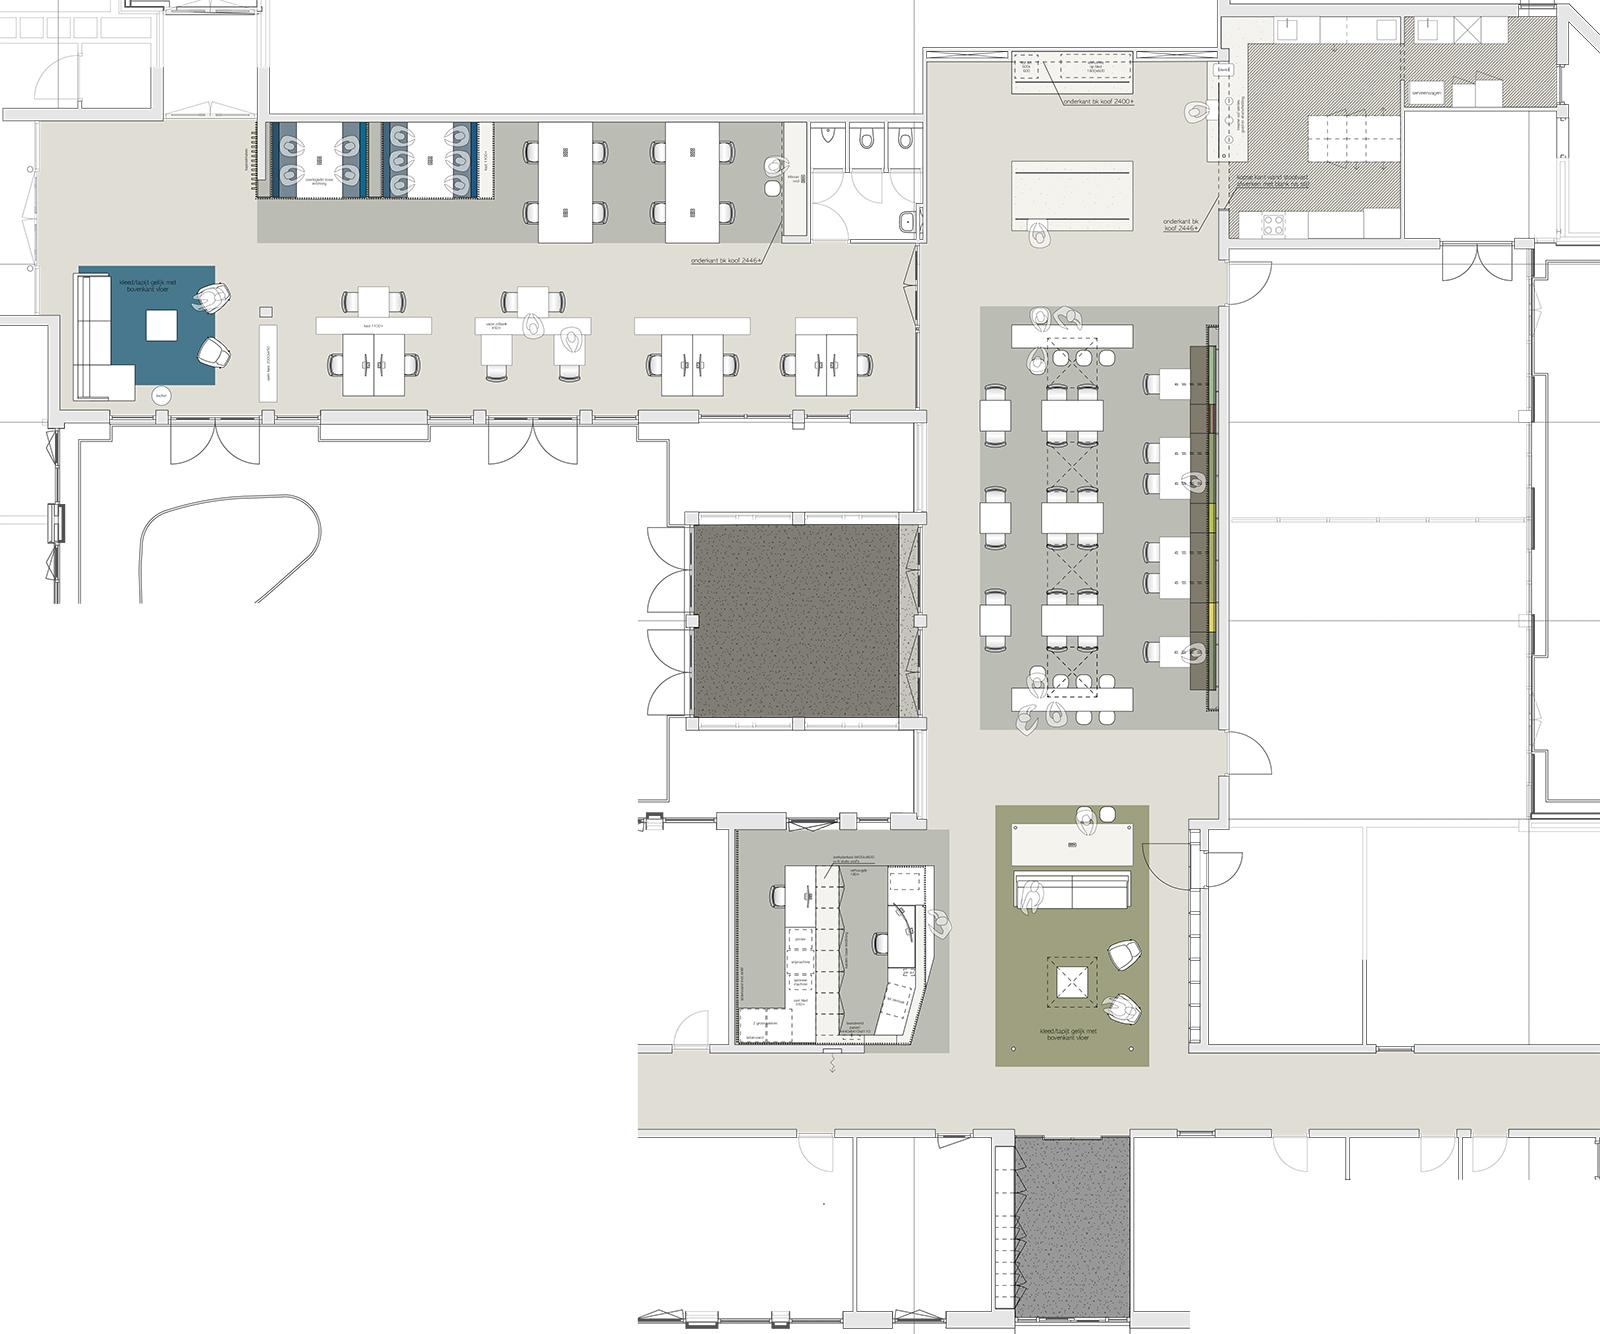 Kantoorgebouw-De-Binckhorst-plattegrond